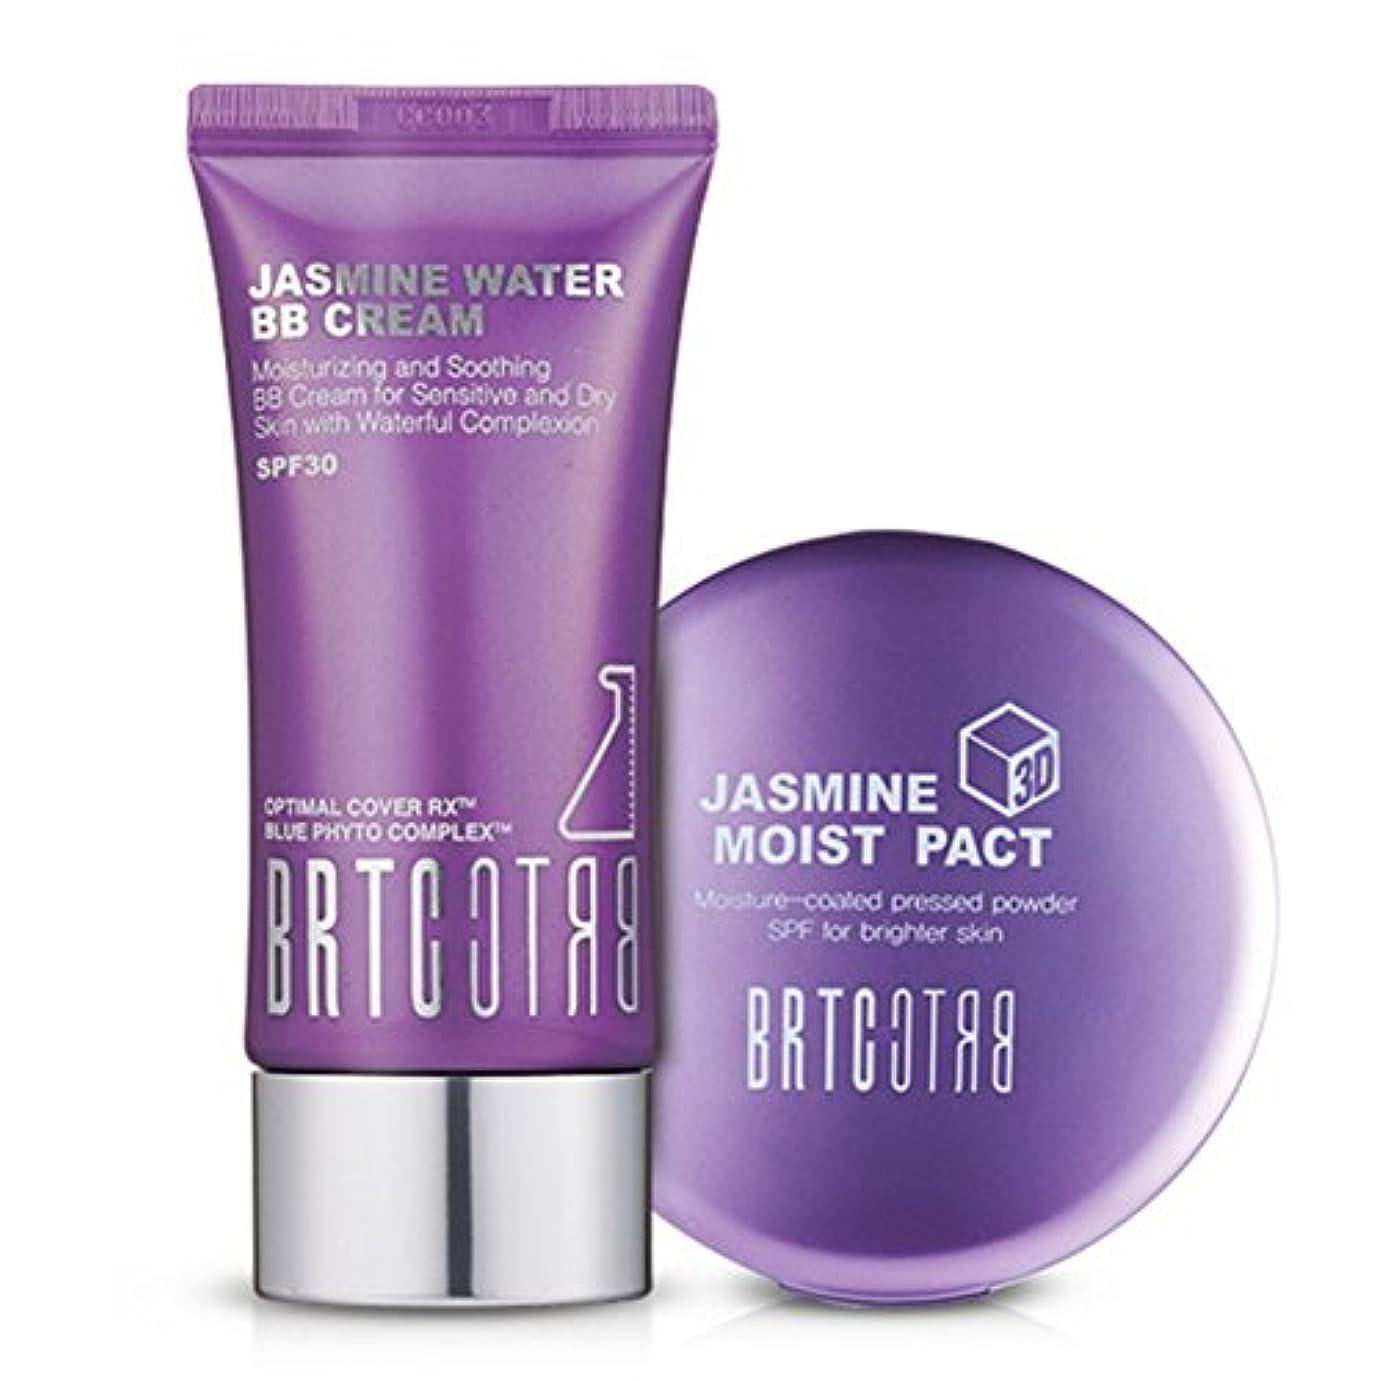 不良ニコチン目的【BRTC/非アルティ時】Whitening&Moisture Make Up Set ジャスミンビビファクトセット [BB Cream+ Moist Pact Set](海外直送品)